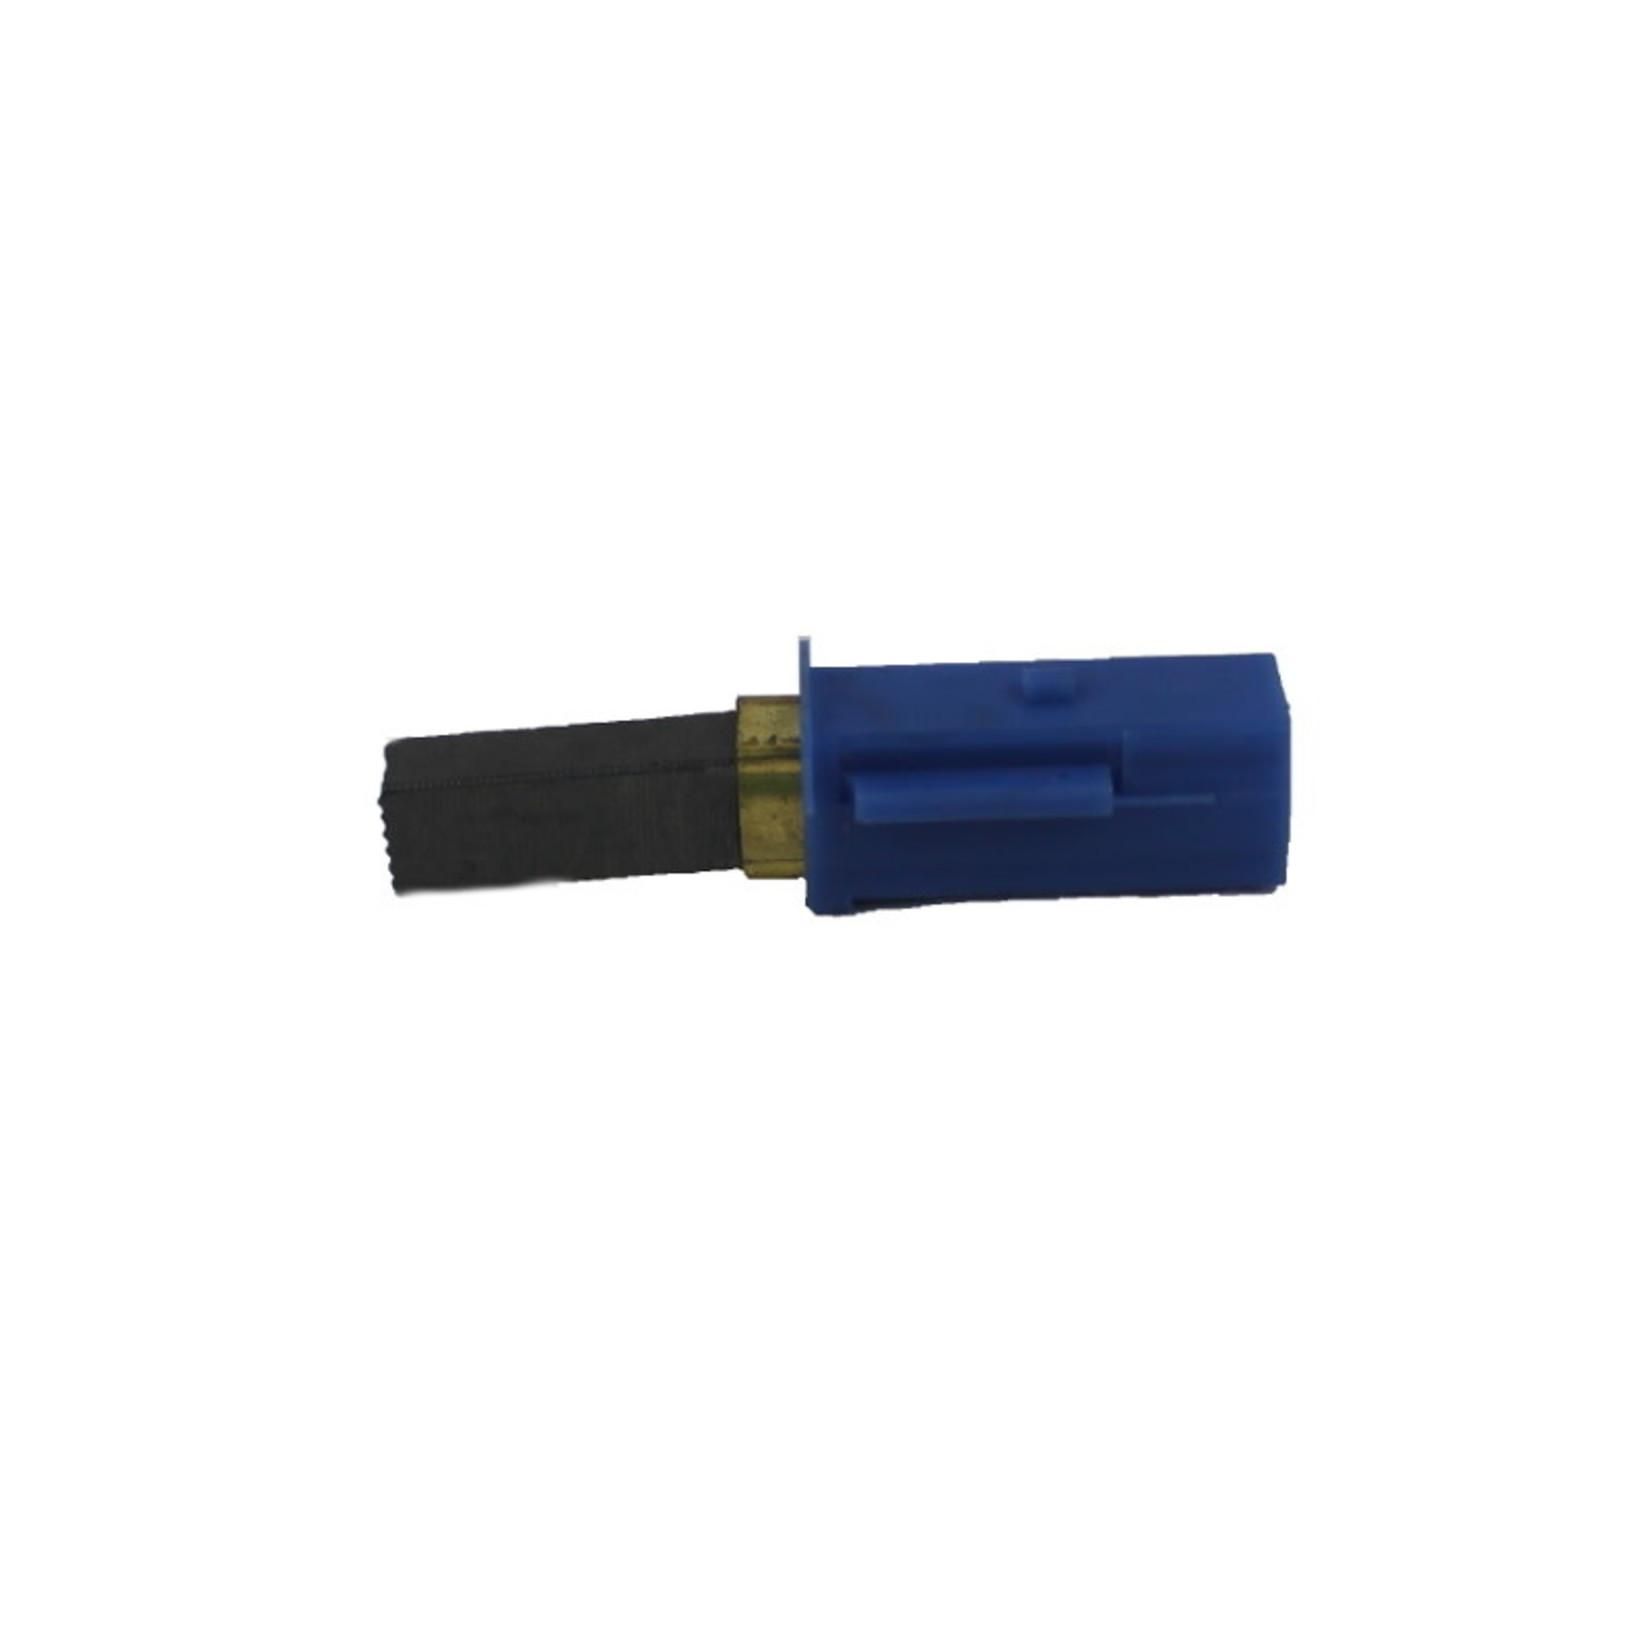 Ametek Lamb Motors Ametek Lamb Central Vacuum Motor Brushes - 2pk